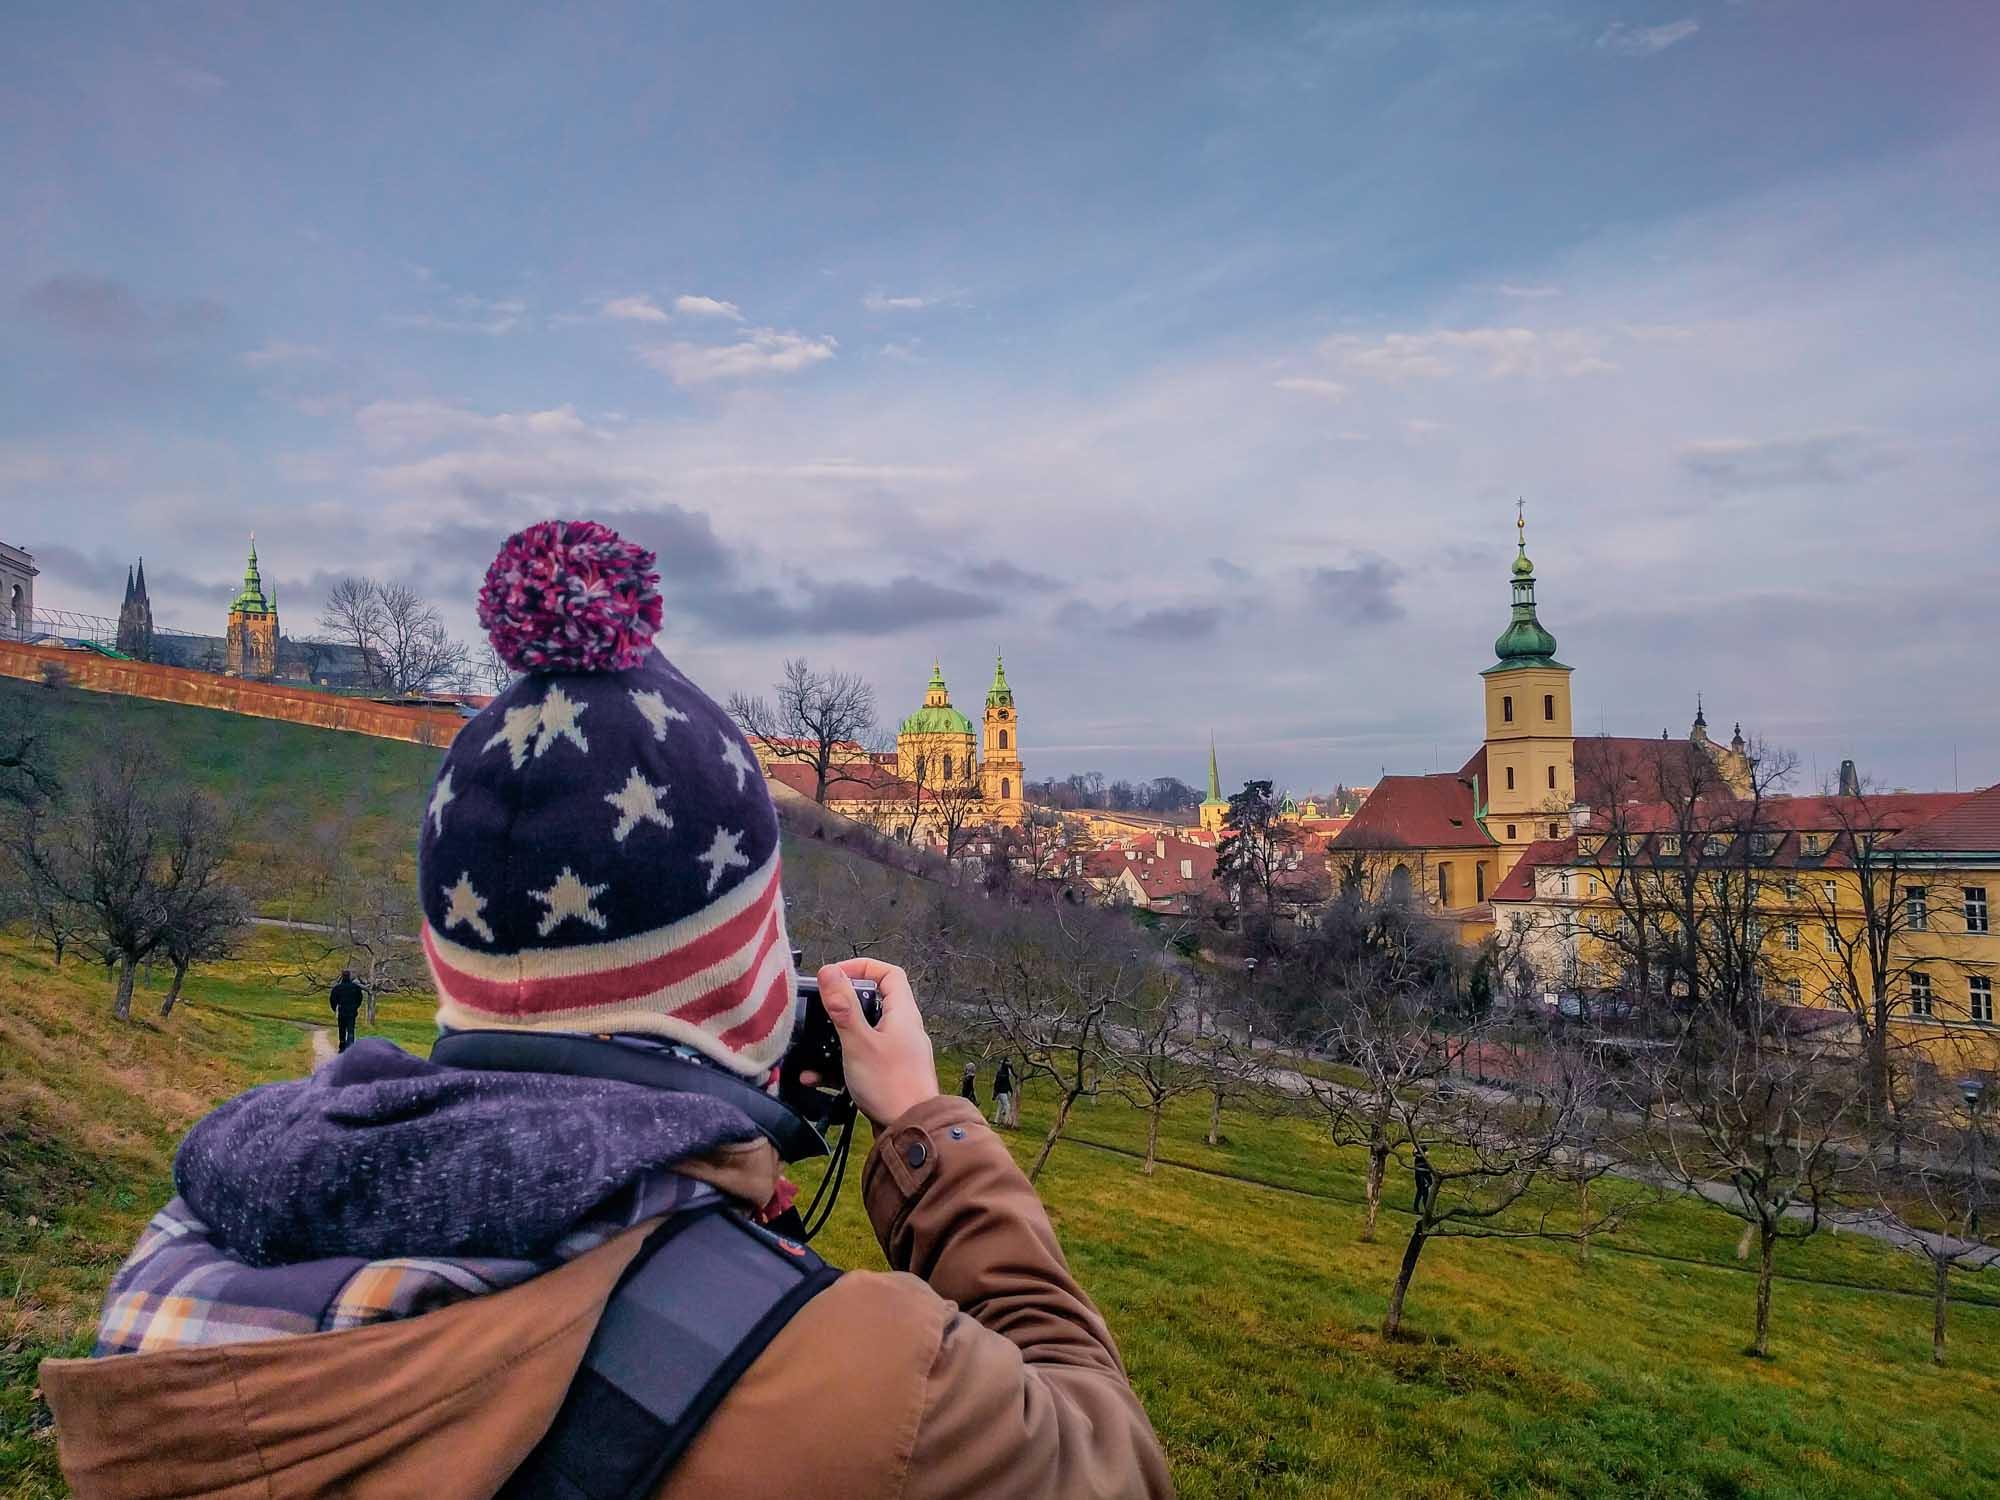 Le photographe photographié ! Admirez ce splendide bonnet, souvenir des States.